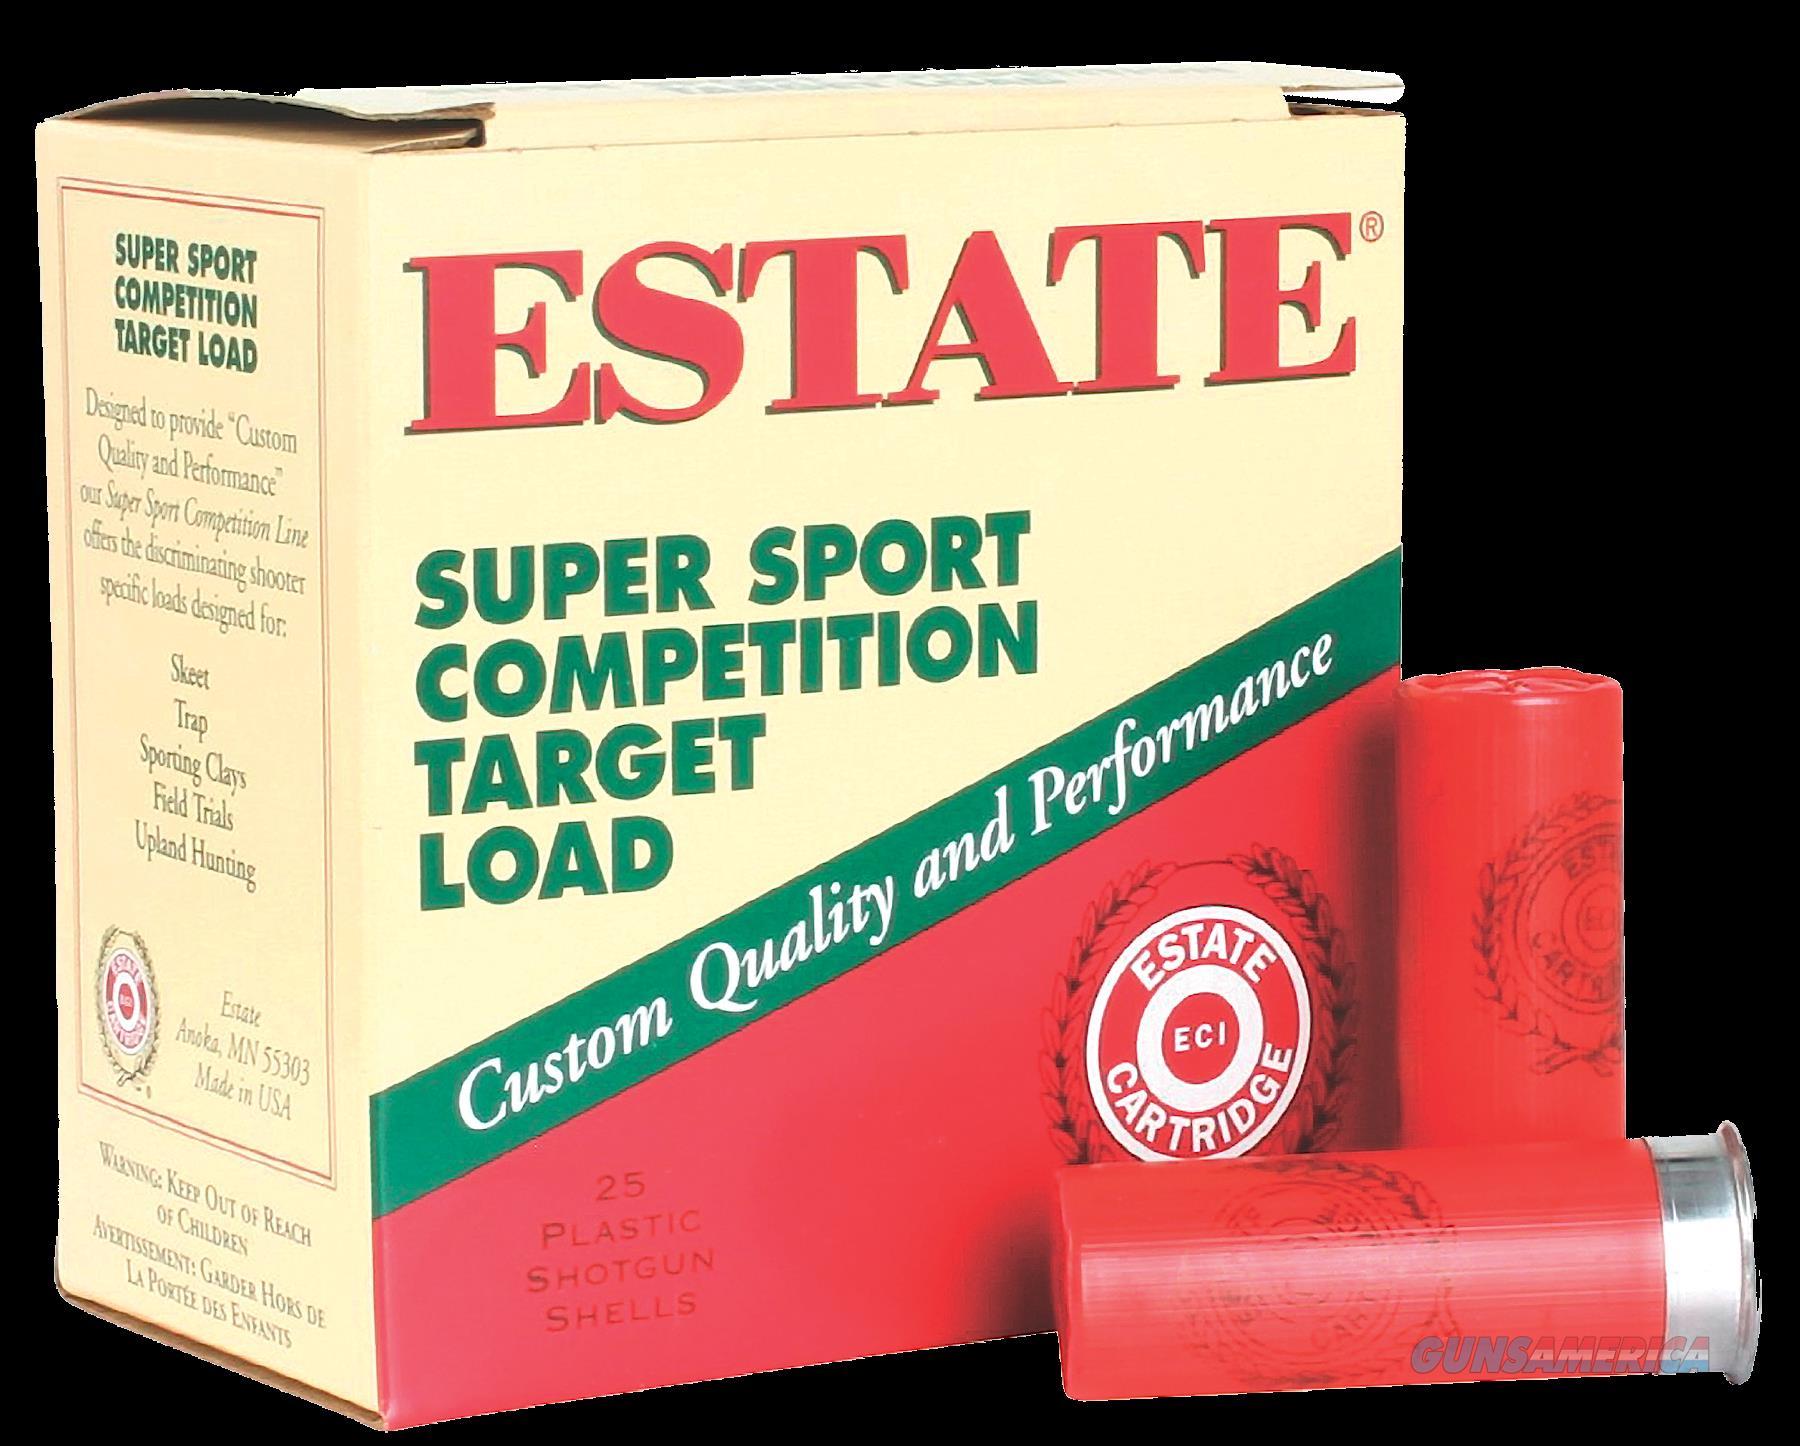 Estate Super Sport, Est Ss209      20 Sup Spt Tgt 7-8  25-10  Guns > Pistols > 1911 Pistol Copies (non-Colt)